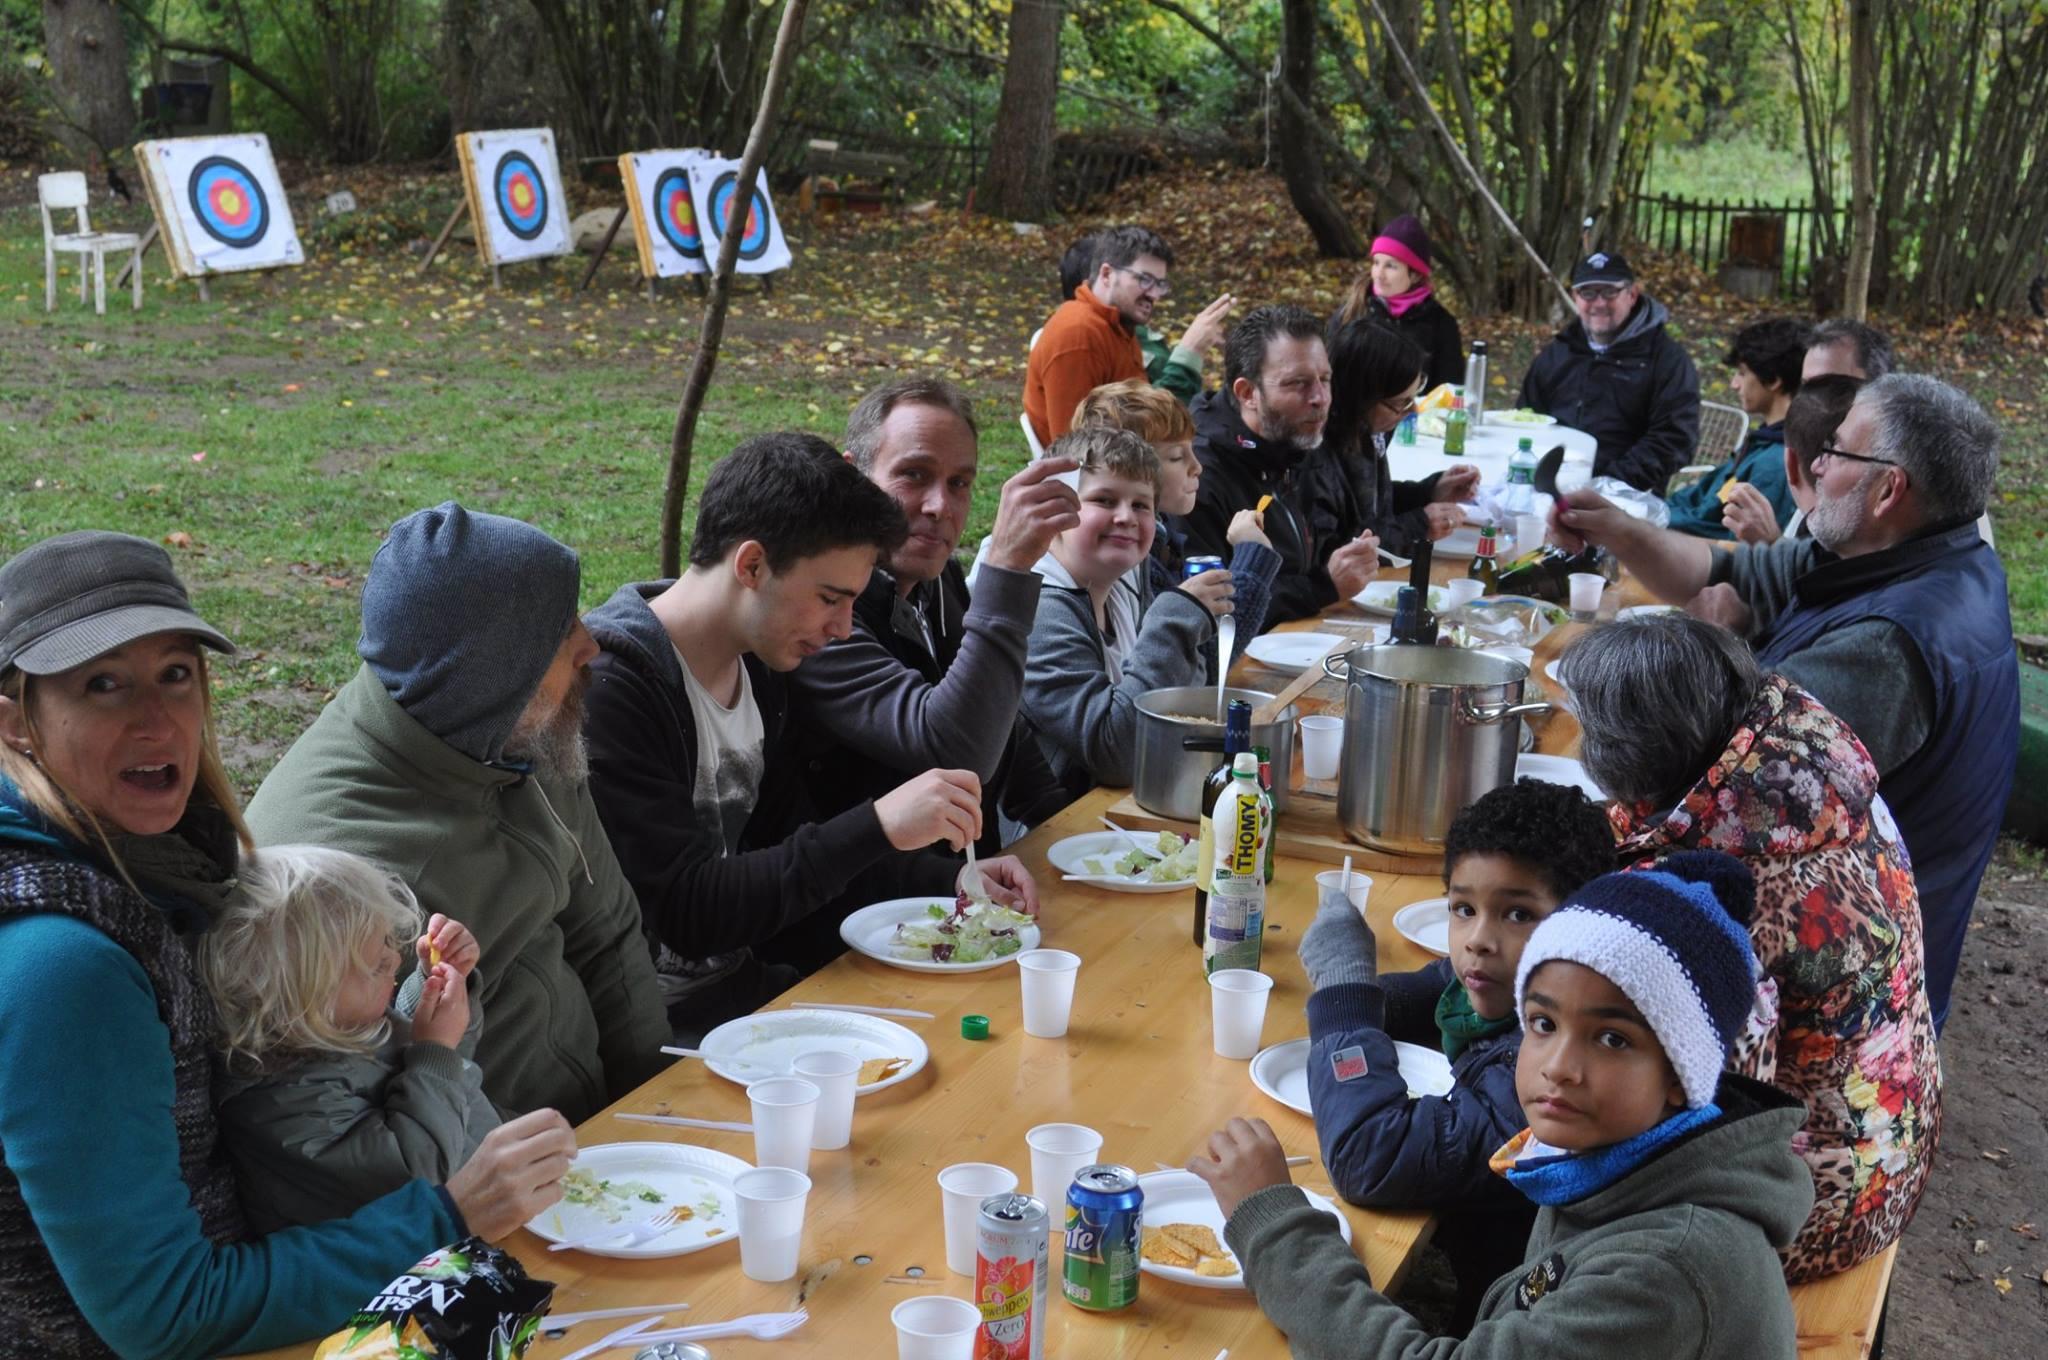 L'image contient peut-être: 8 personnes, personnes souriantes, personnes assises, personnes qui mangent, enfant, table et plein air